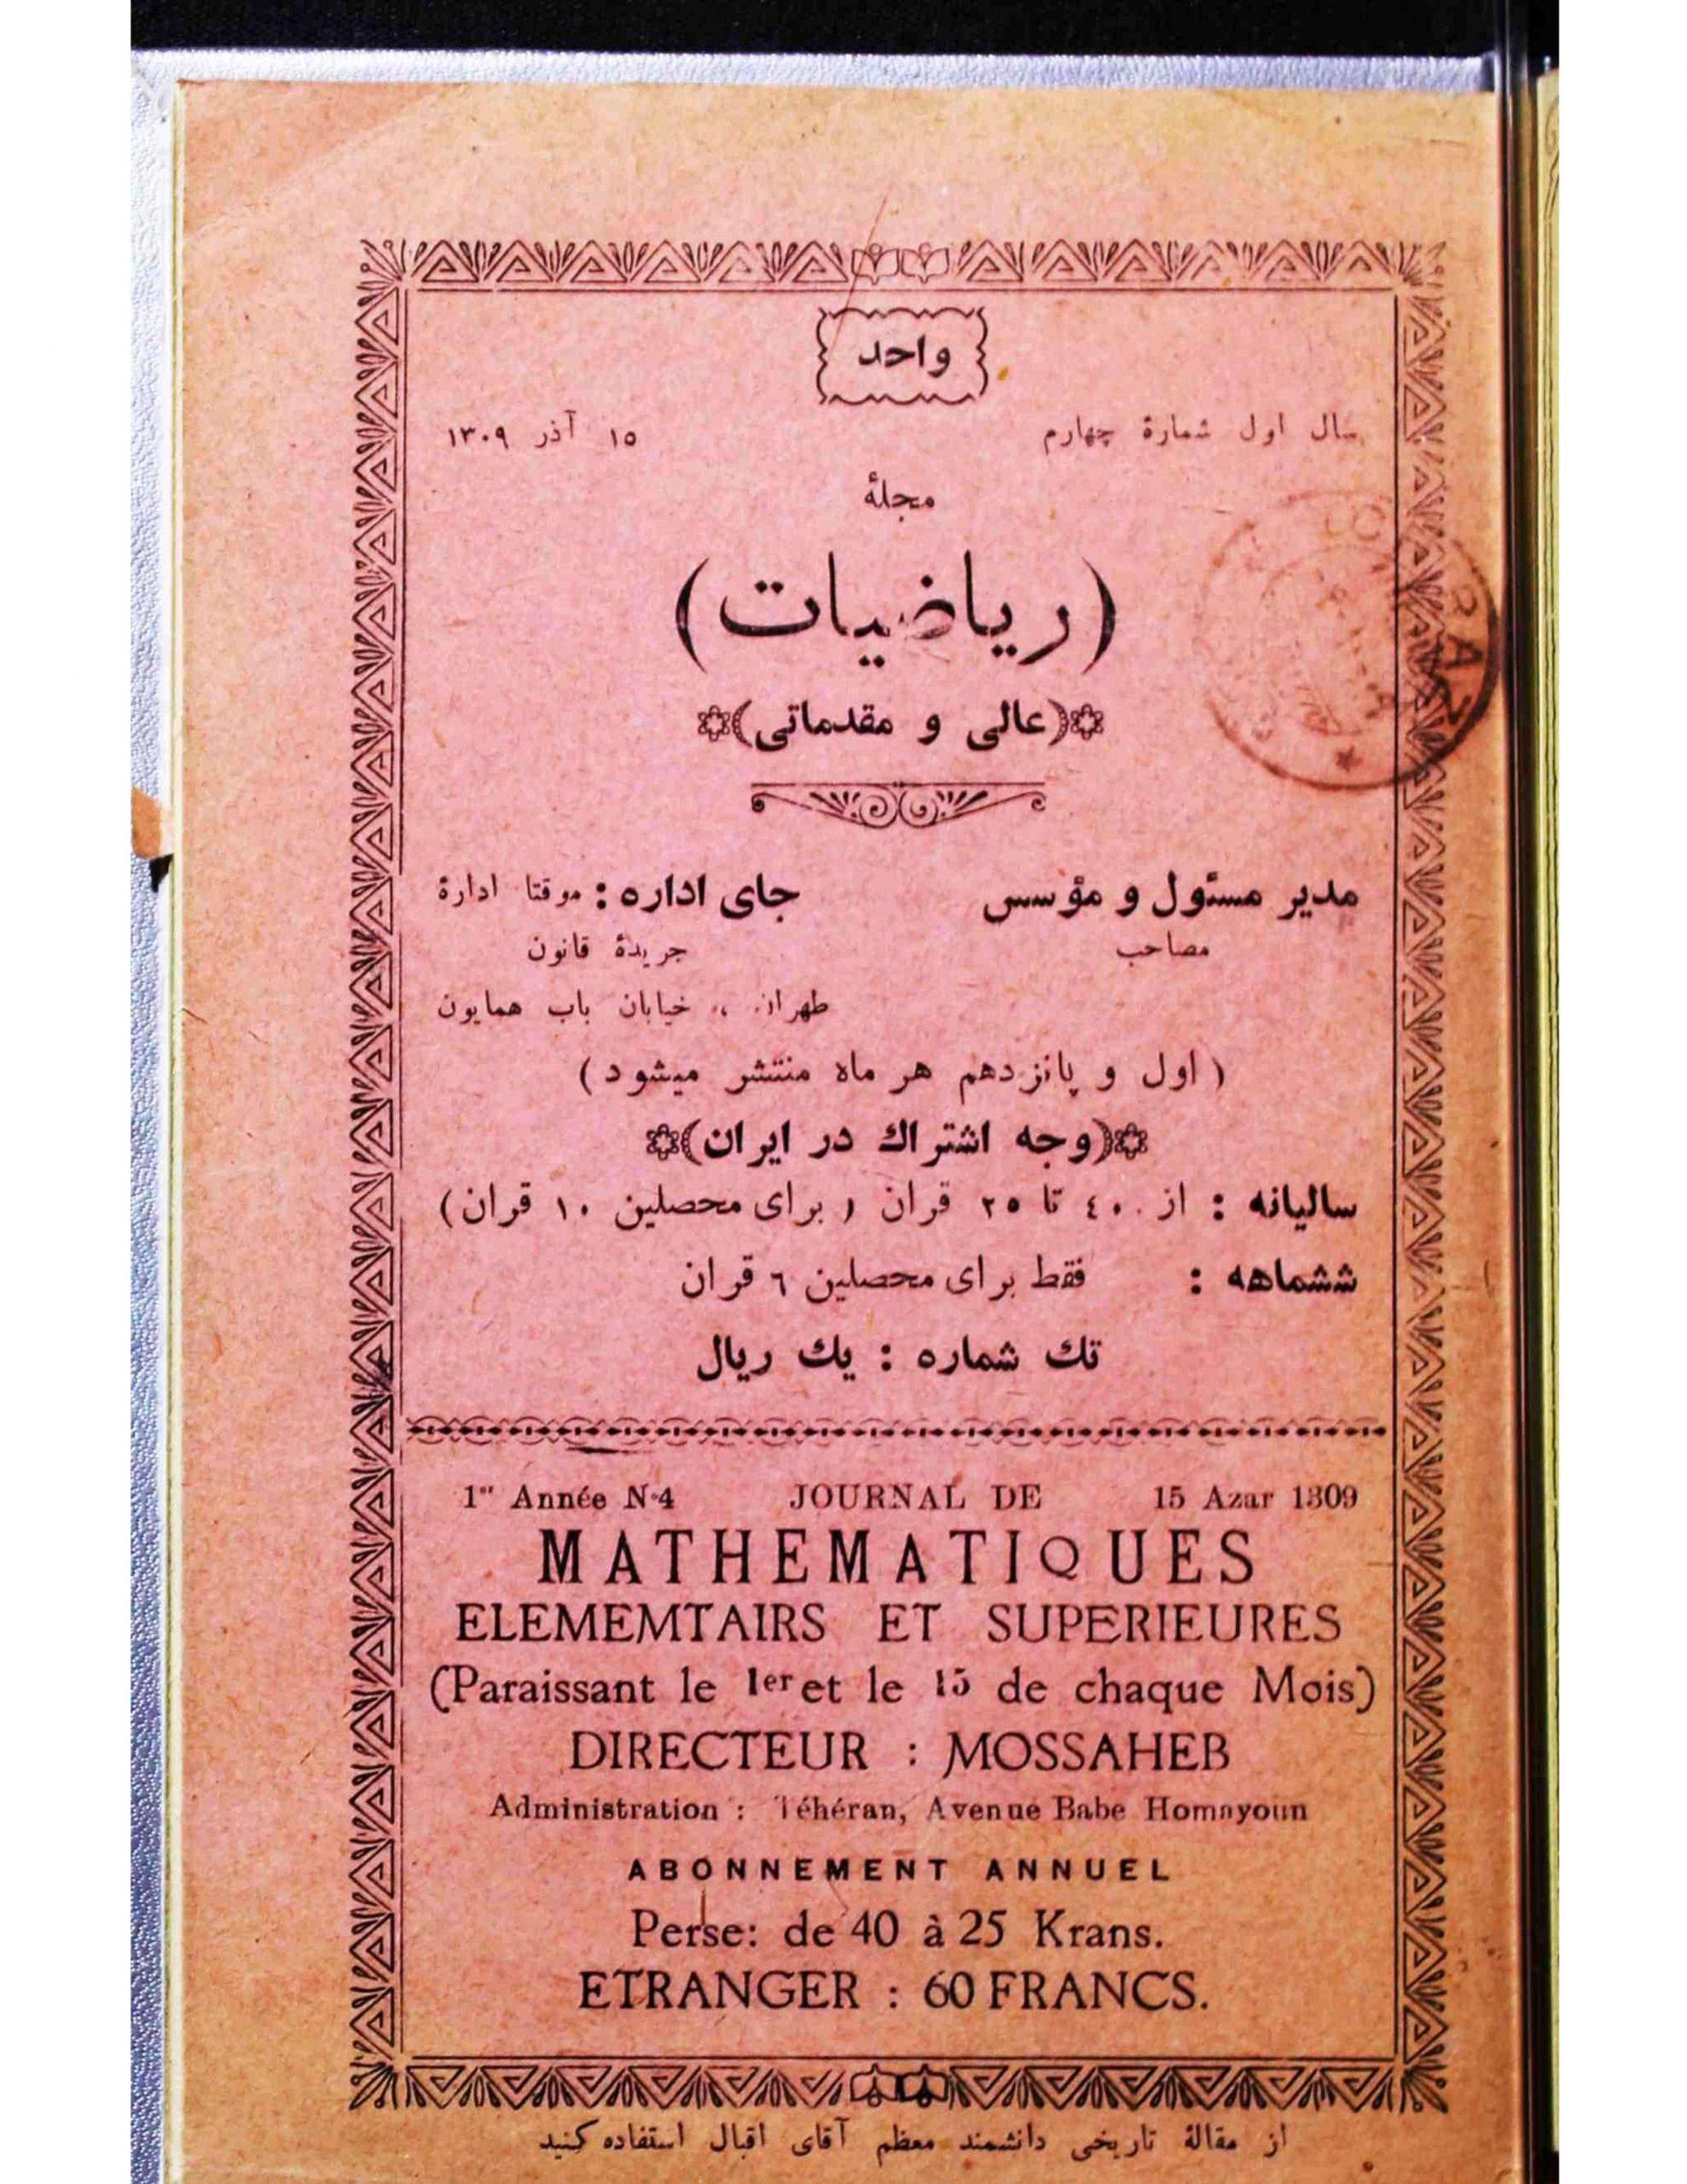 ریاضیات عالی و مقدماتی